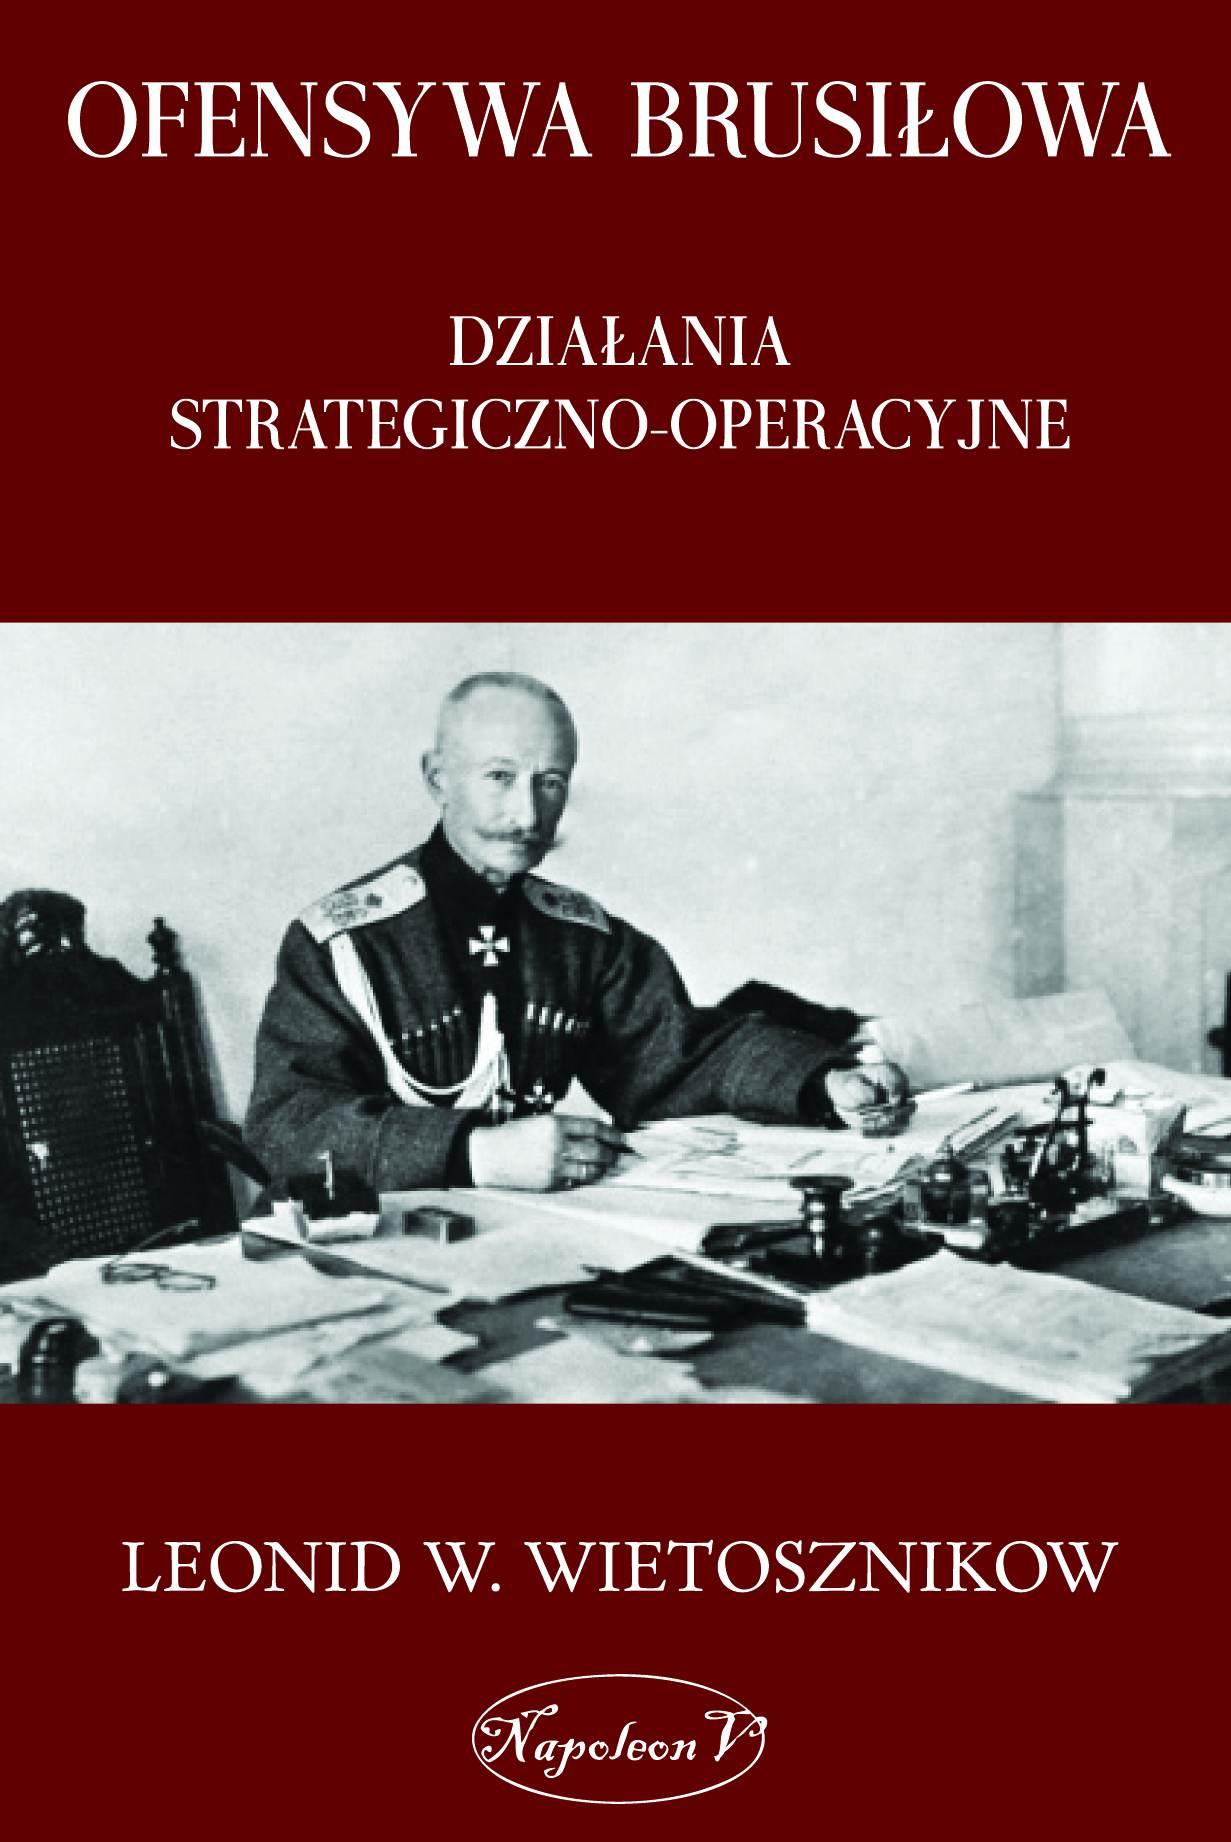 Ofensywa Brusiłowa. Działania strategiczno-operacyjne - Ebook (Książka EPUB) do pobrania w formacie EPUB